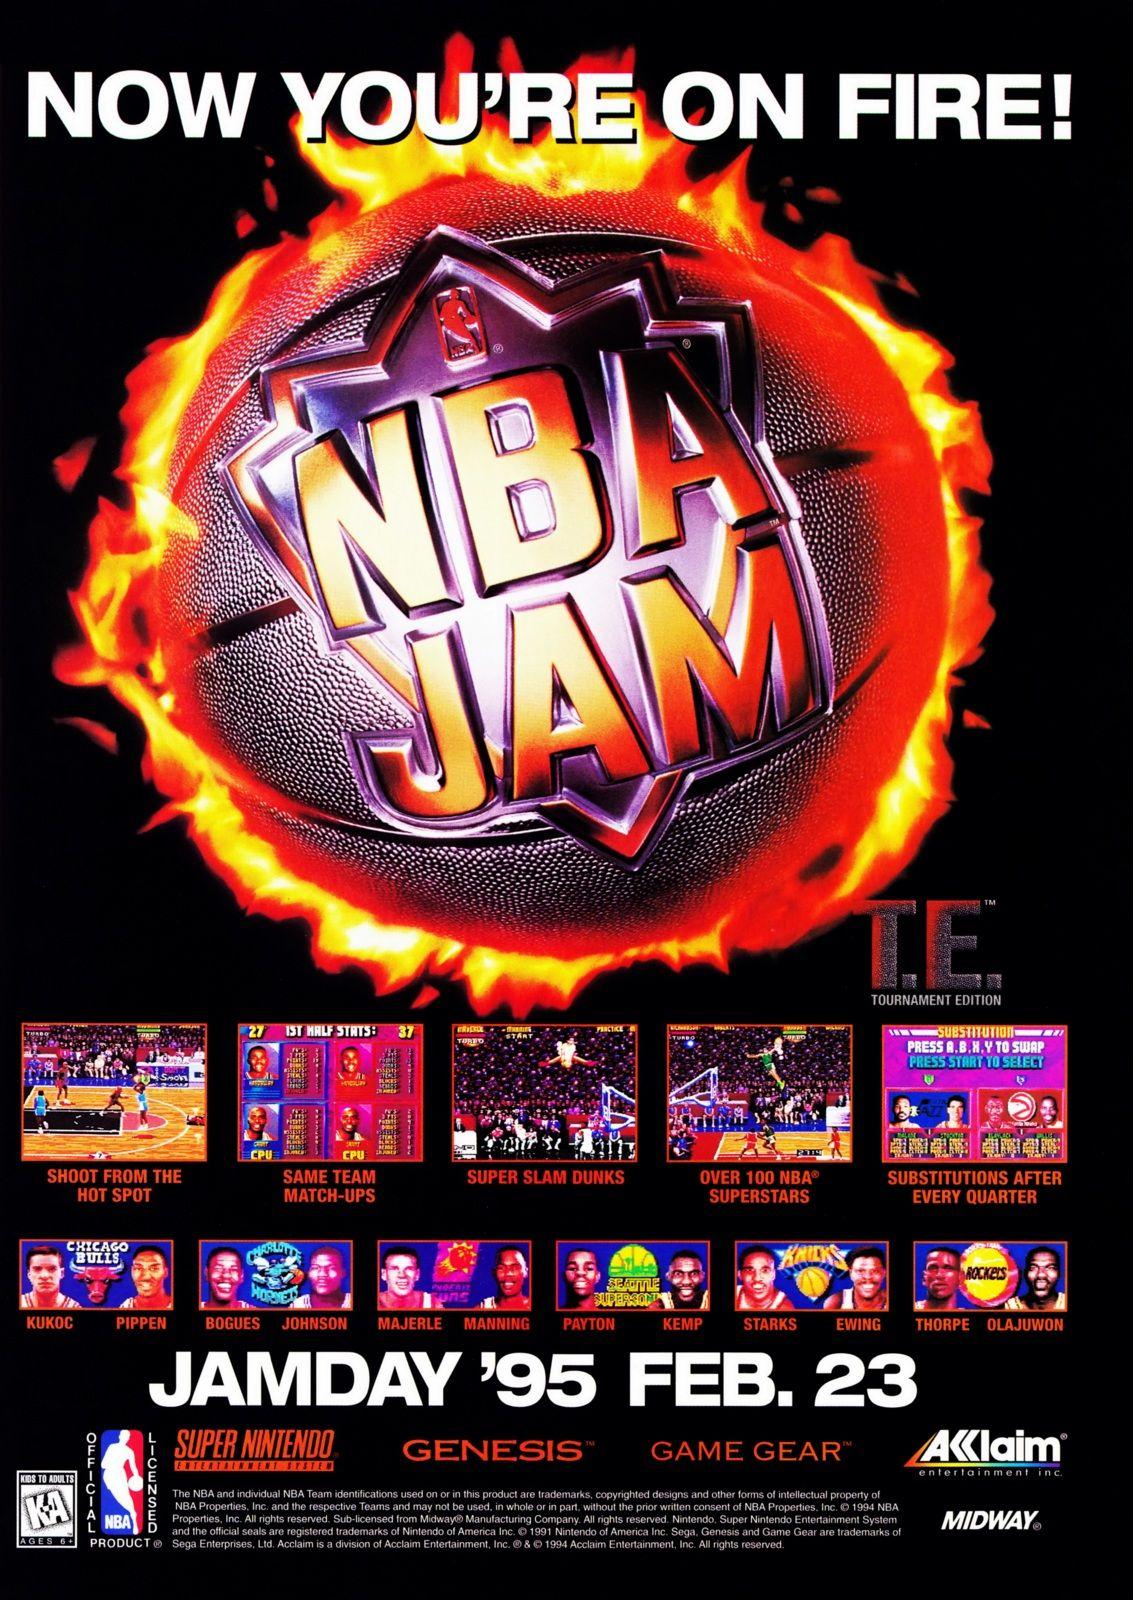 Nba Jam On Sega Genesis So Many Memories Playing That